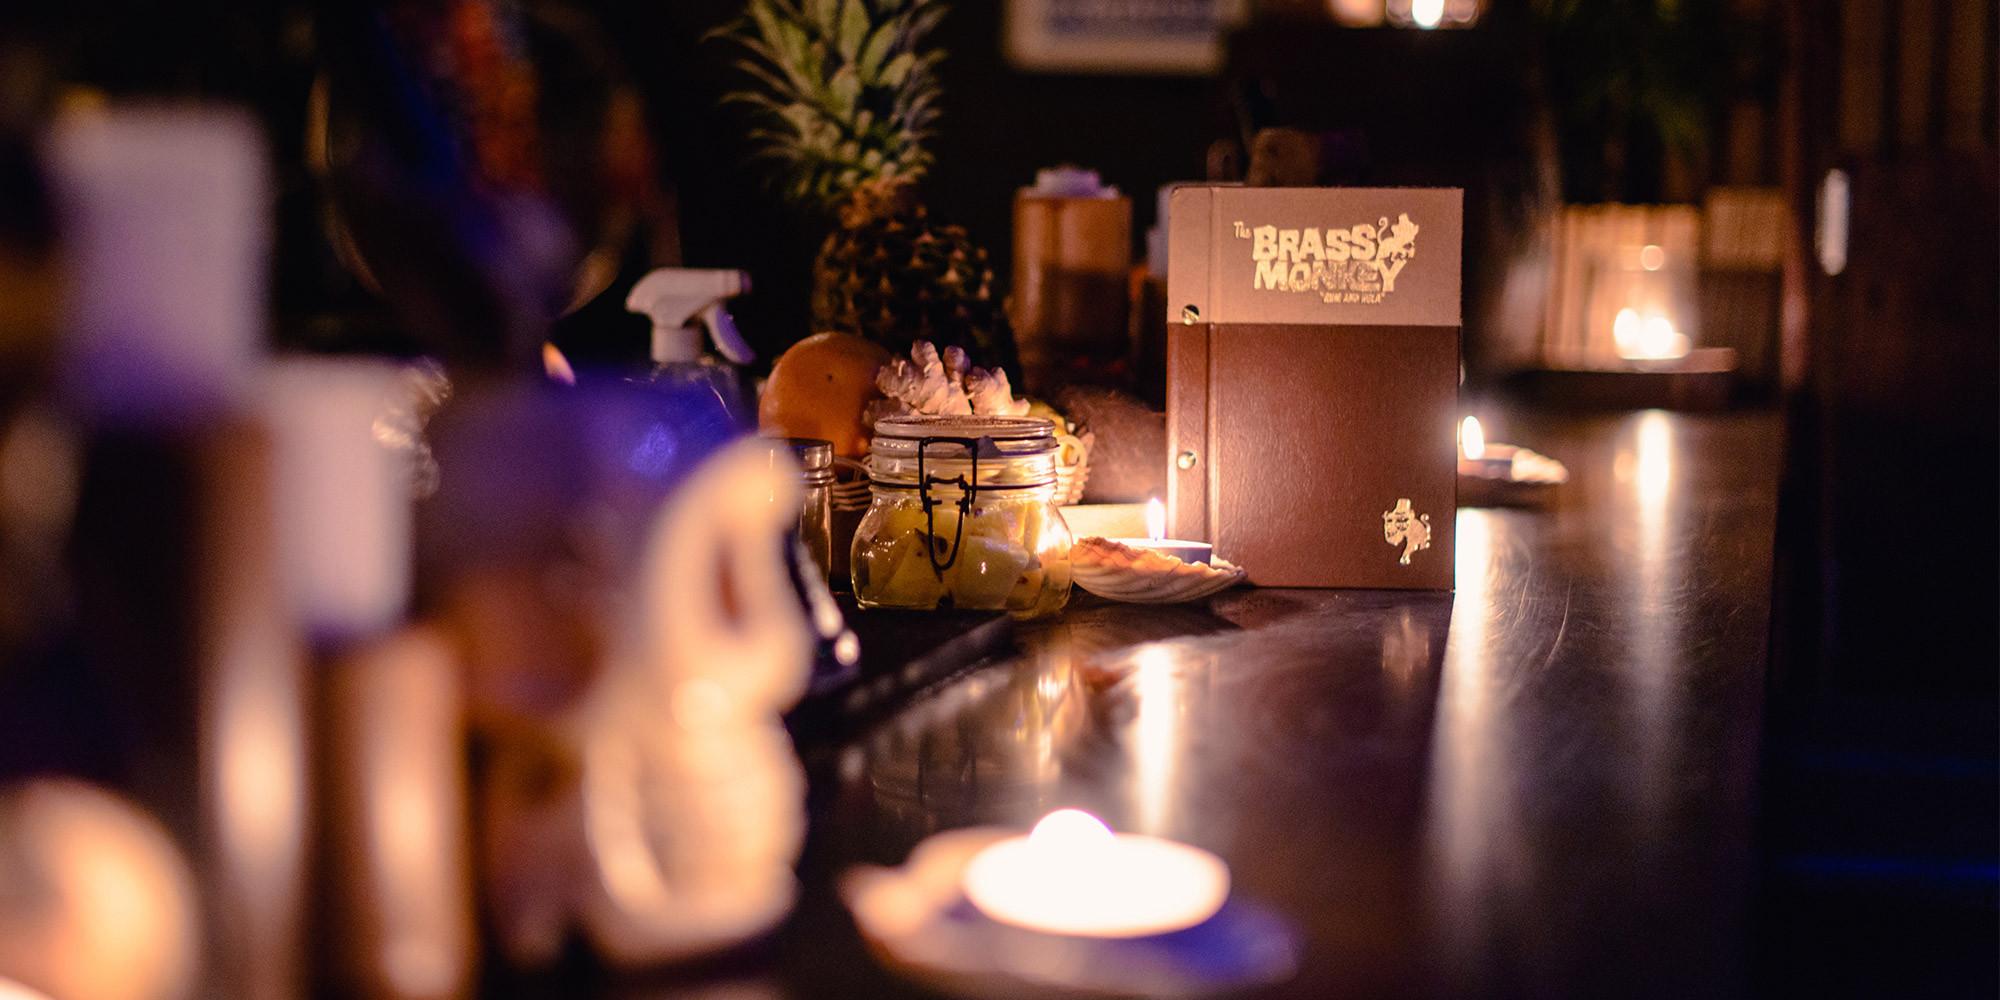 restaurant-brass-monkey-kobenhavn-vesterbro-5521